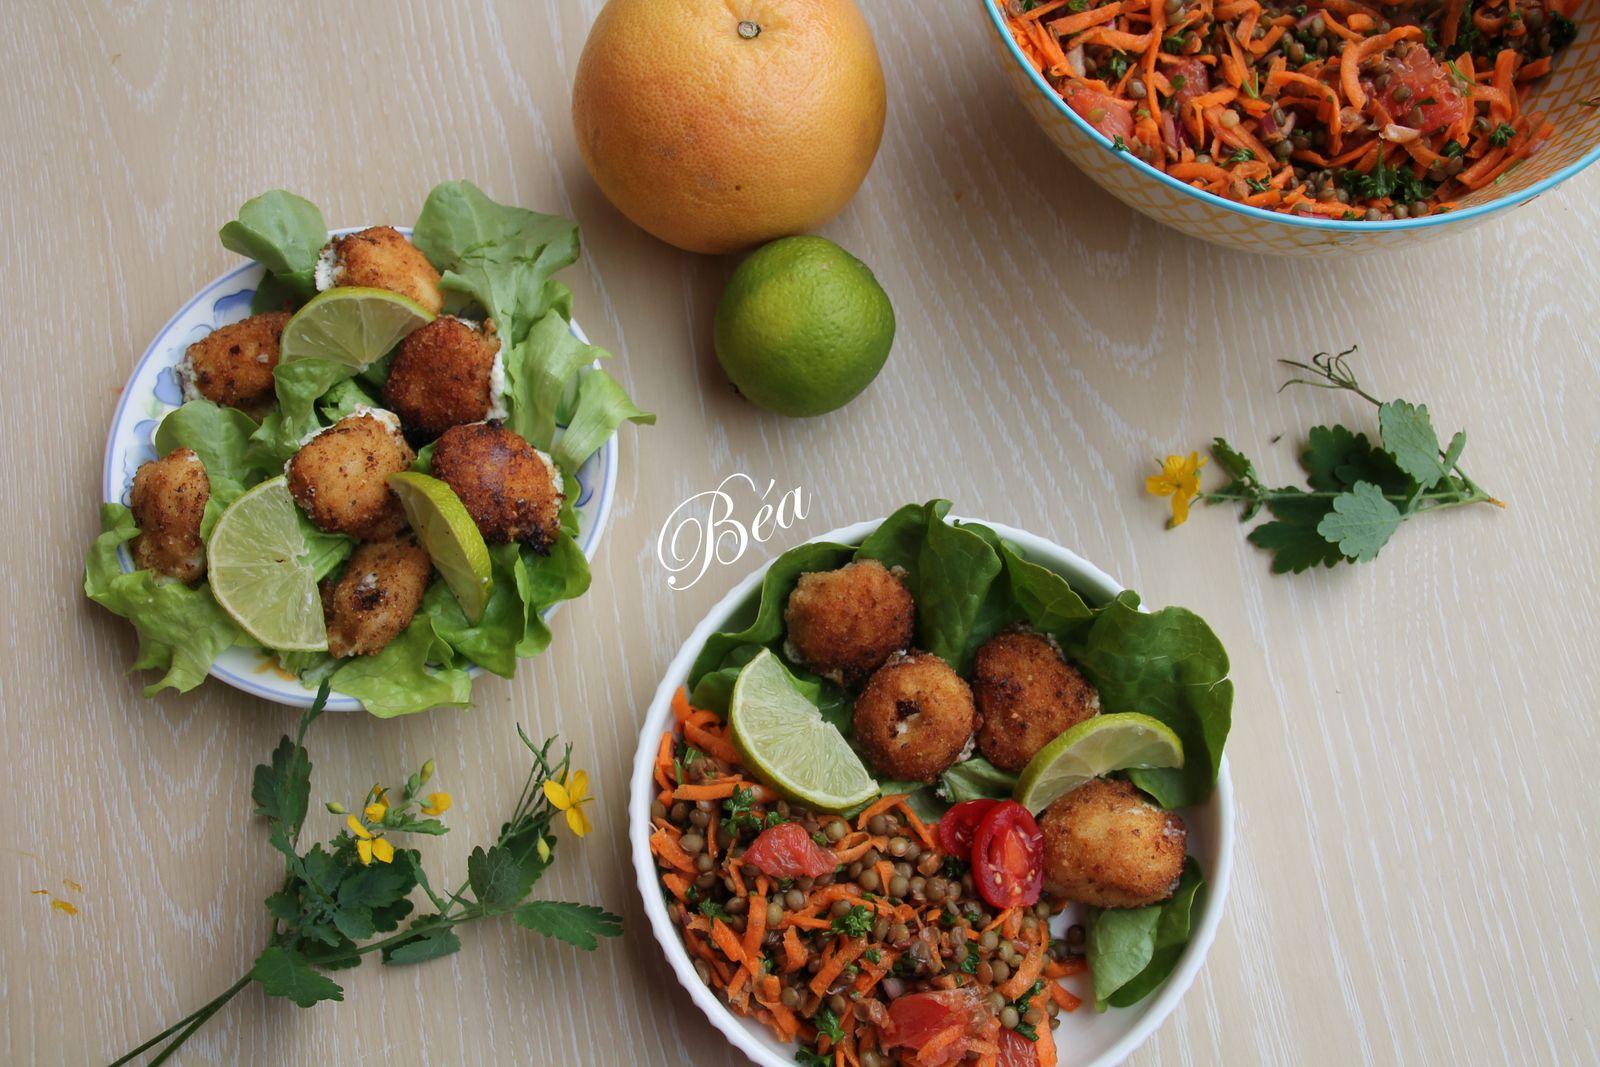 Salade de lentilles carottes et pamplemousse, croquettes de féta au miel et aux herbes